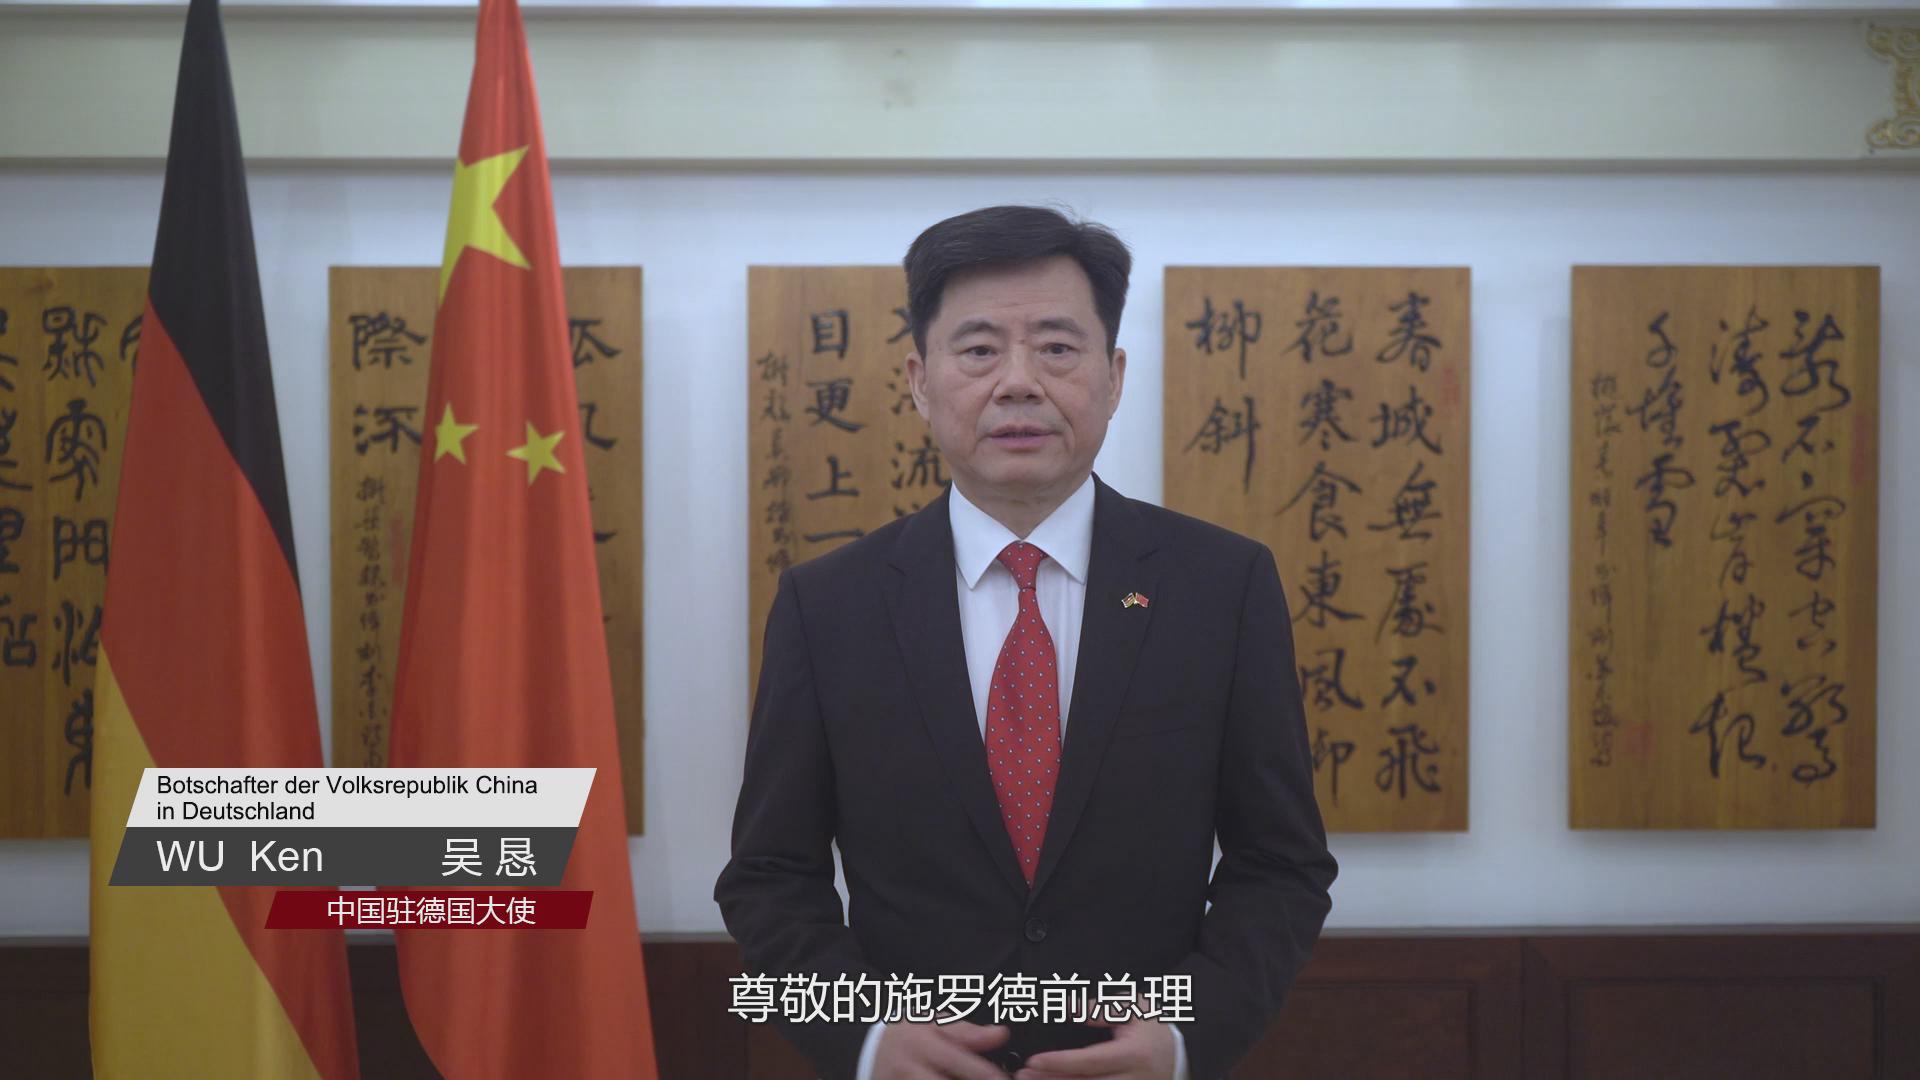 """中国""""双循环""""发展是要""""搞封闭""""?驻德大使回应"""